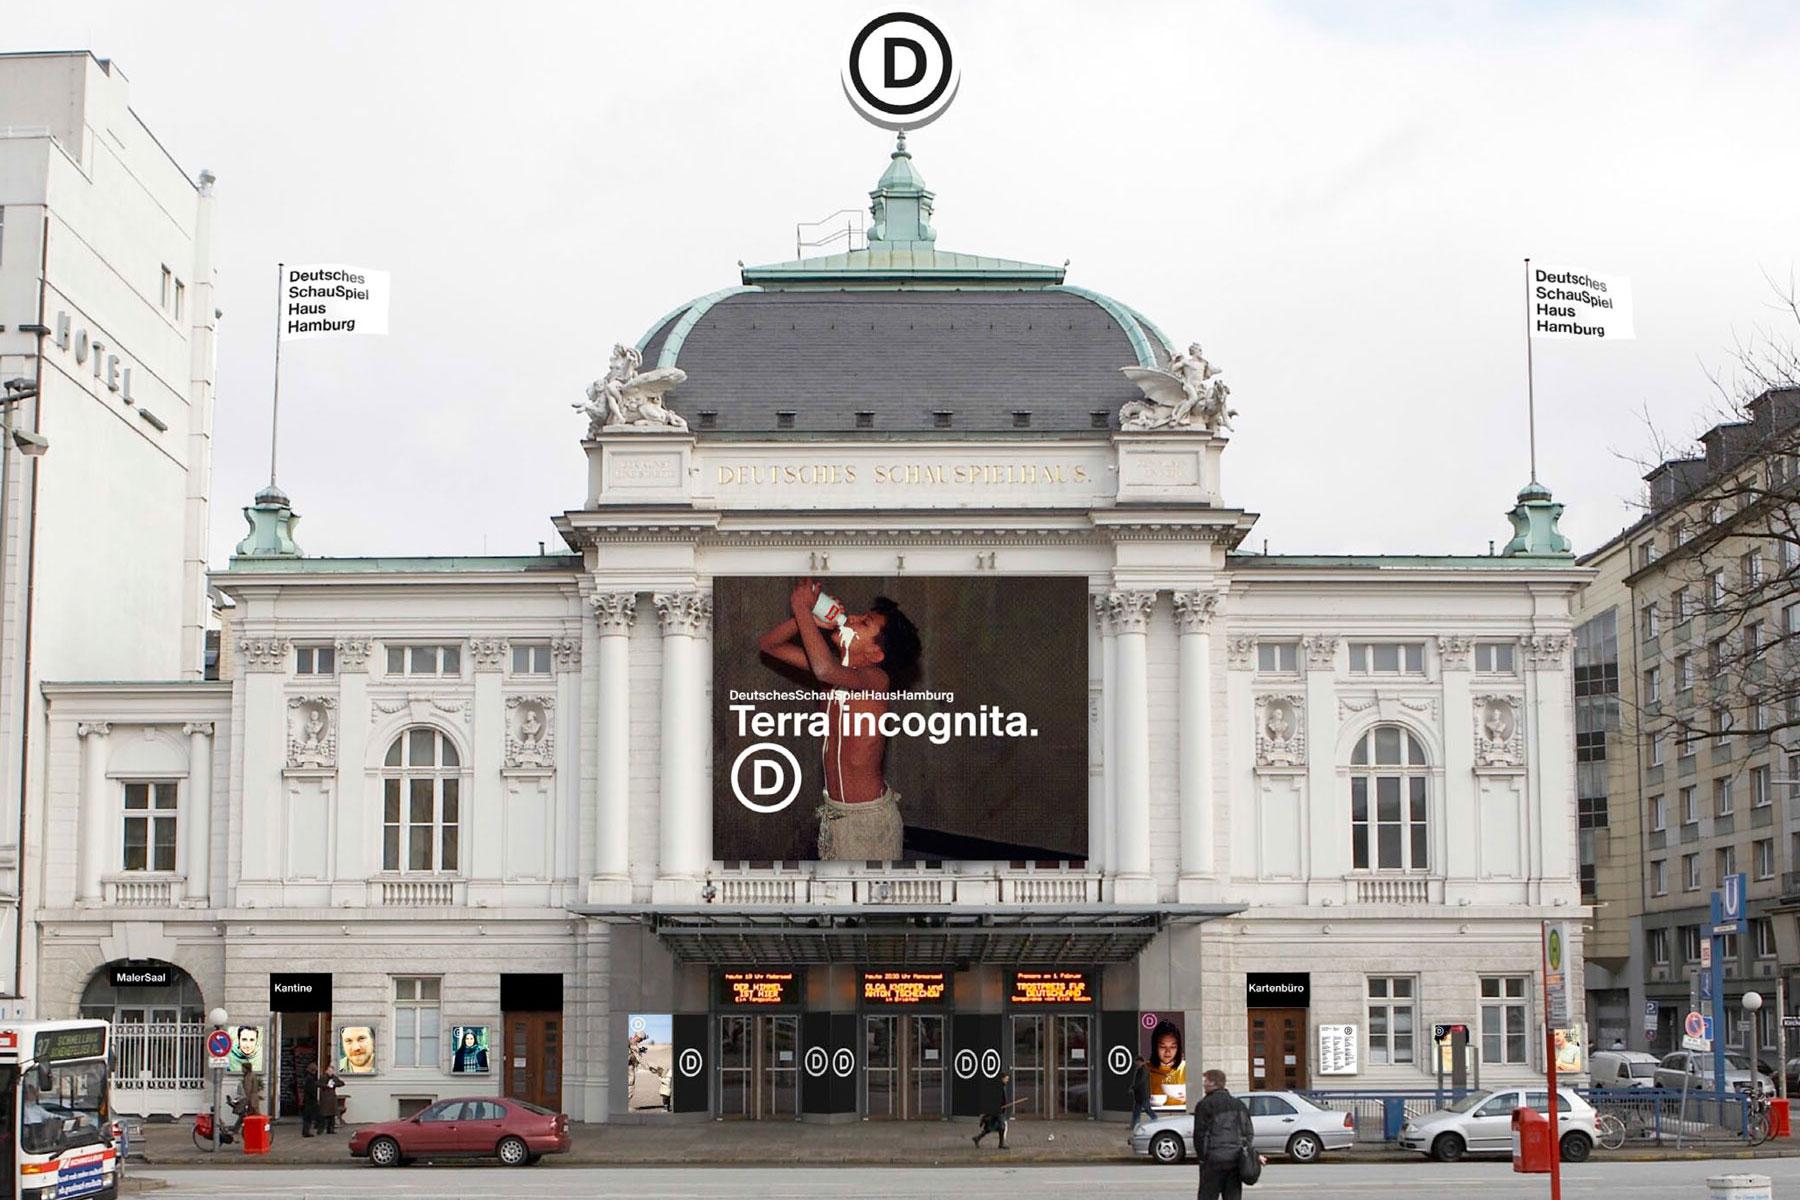 Deutsches Schauspielhaus Hamburg Fahnen Corporate Design